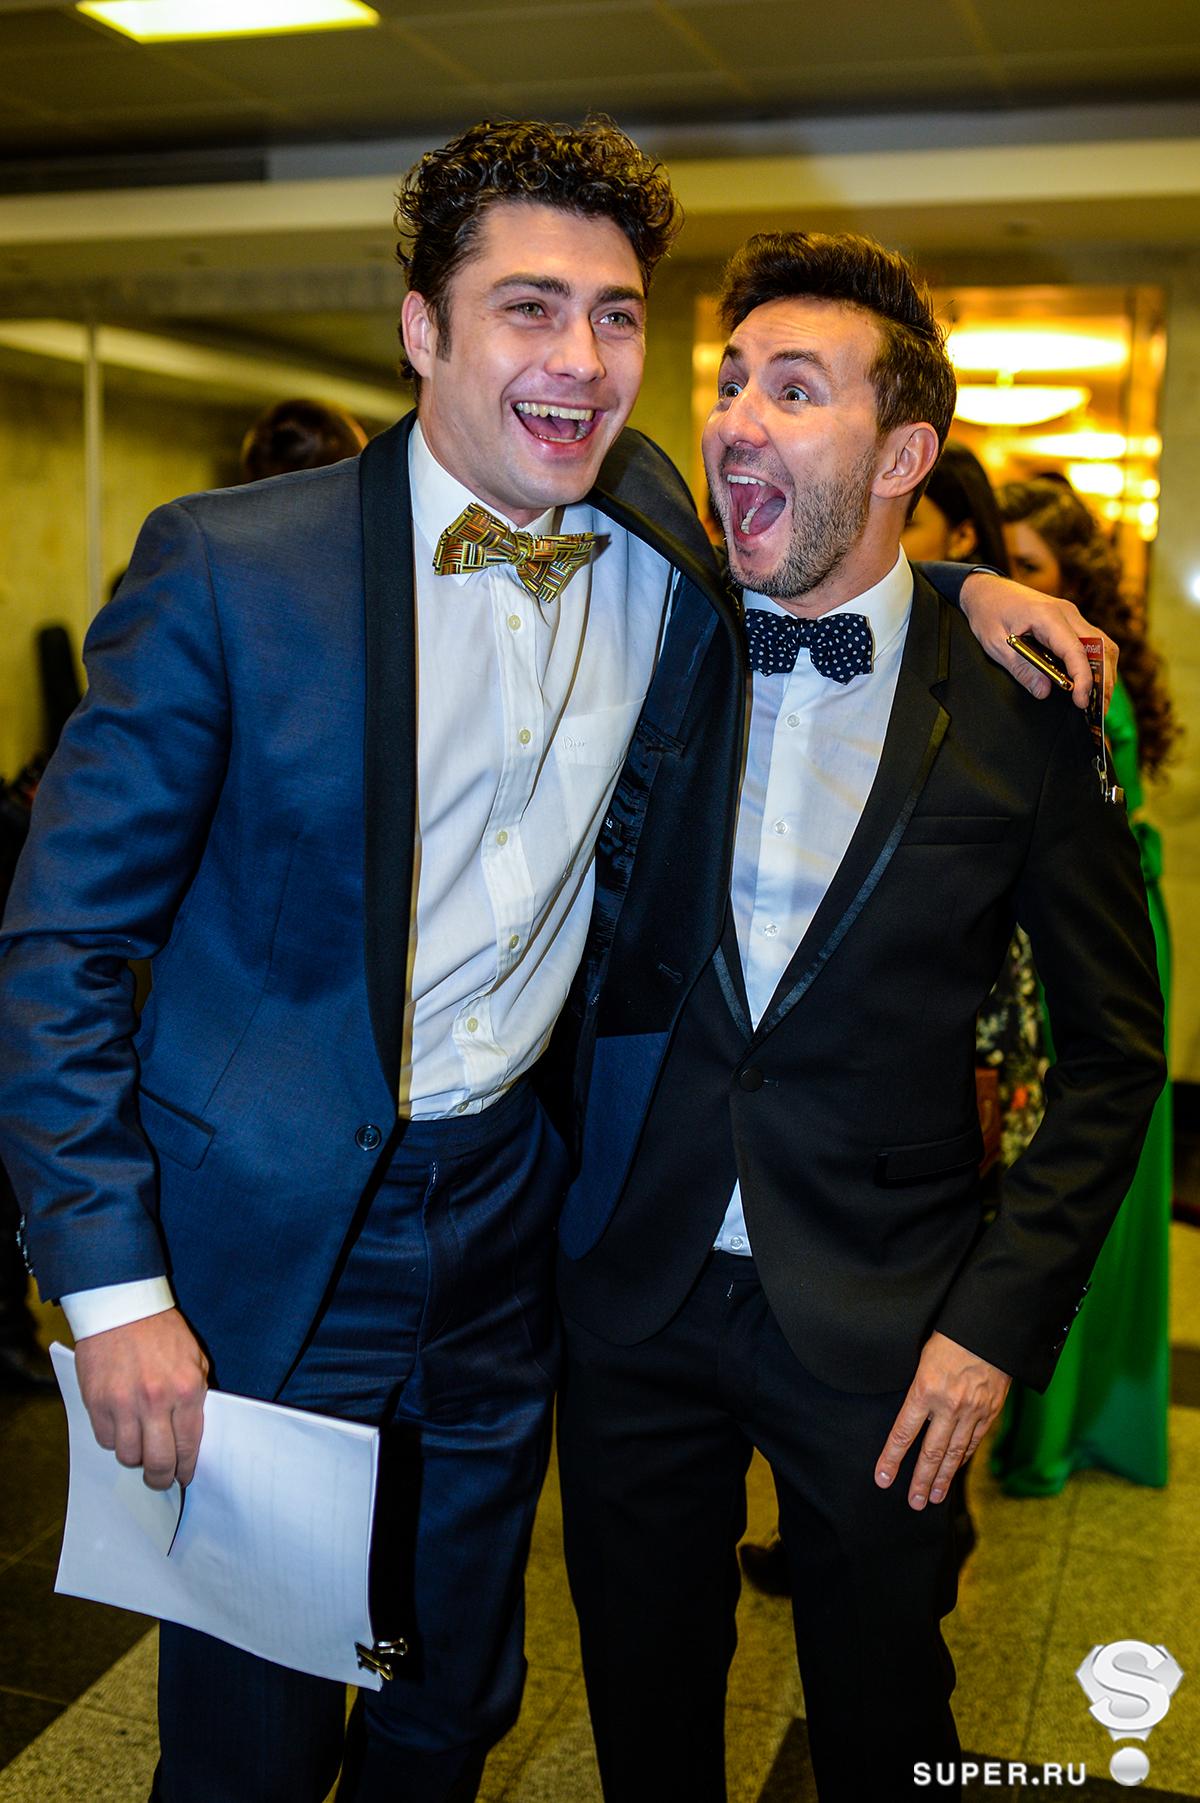 Дмитрий Оленин и Владимир Широков